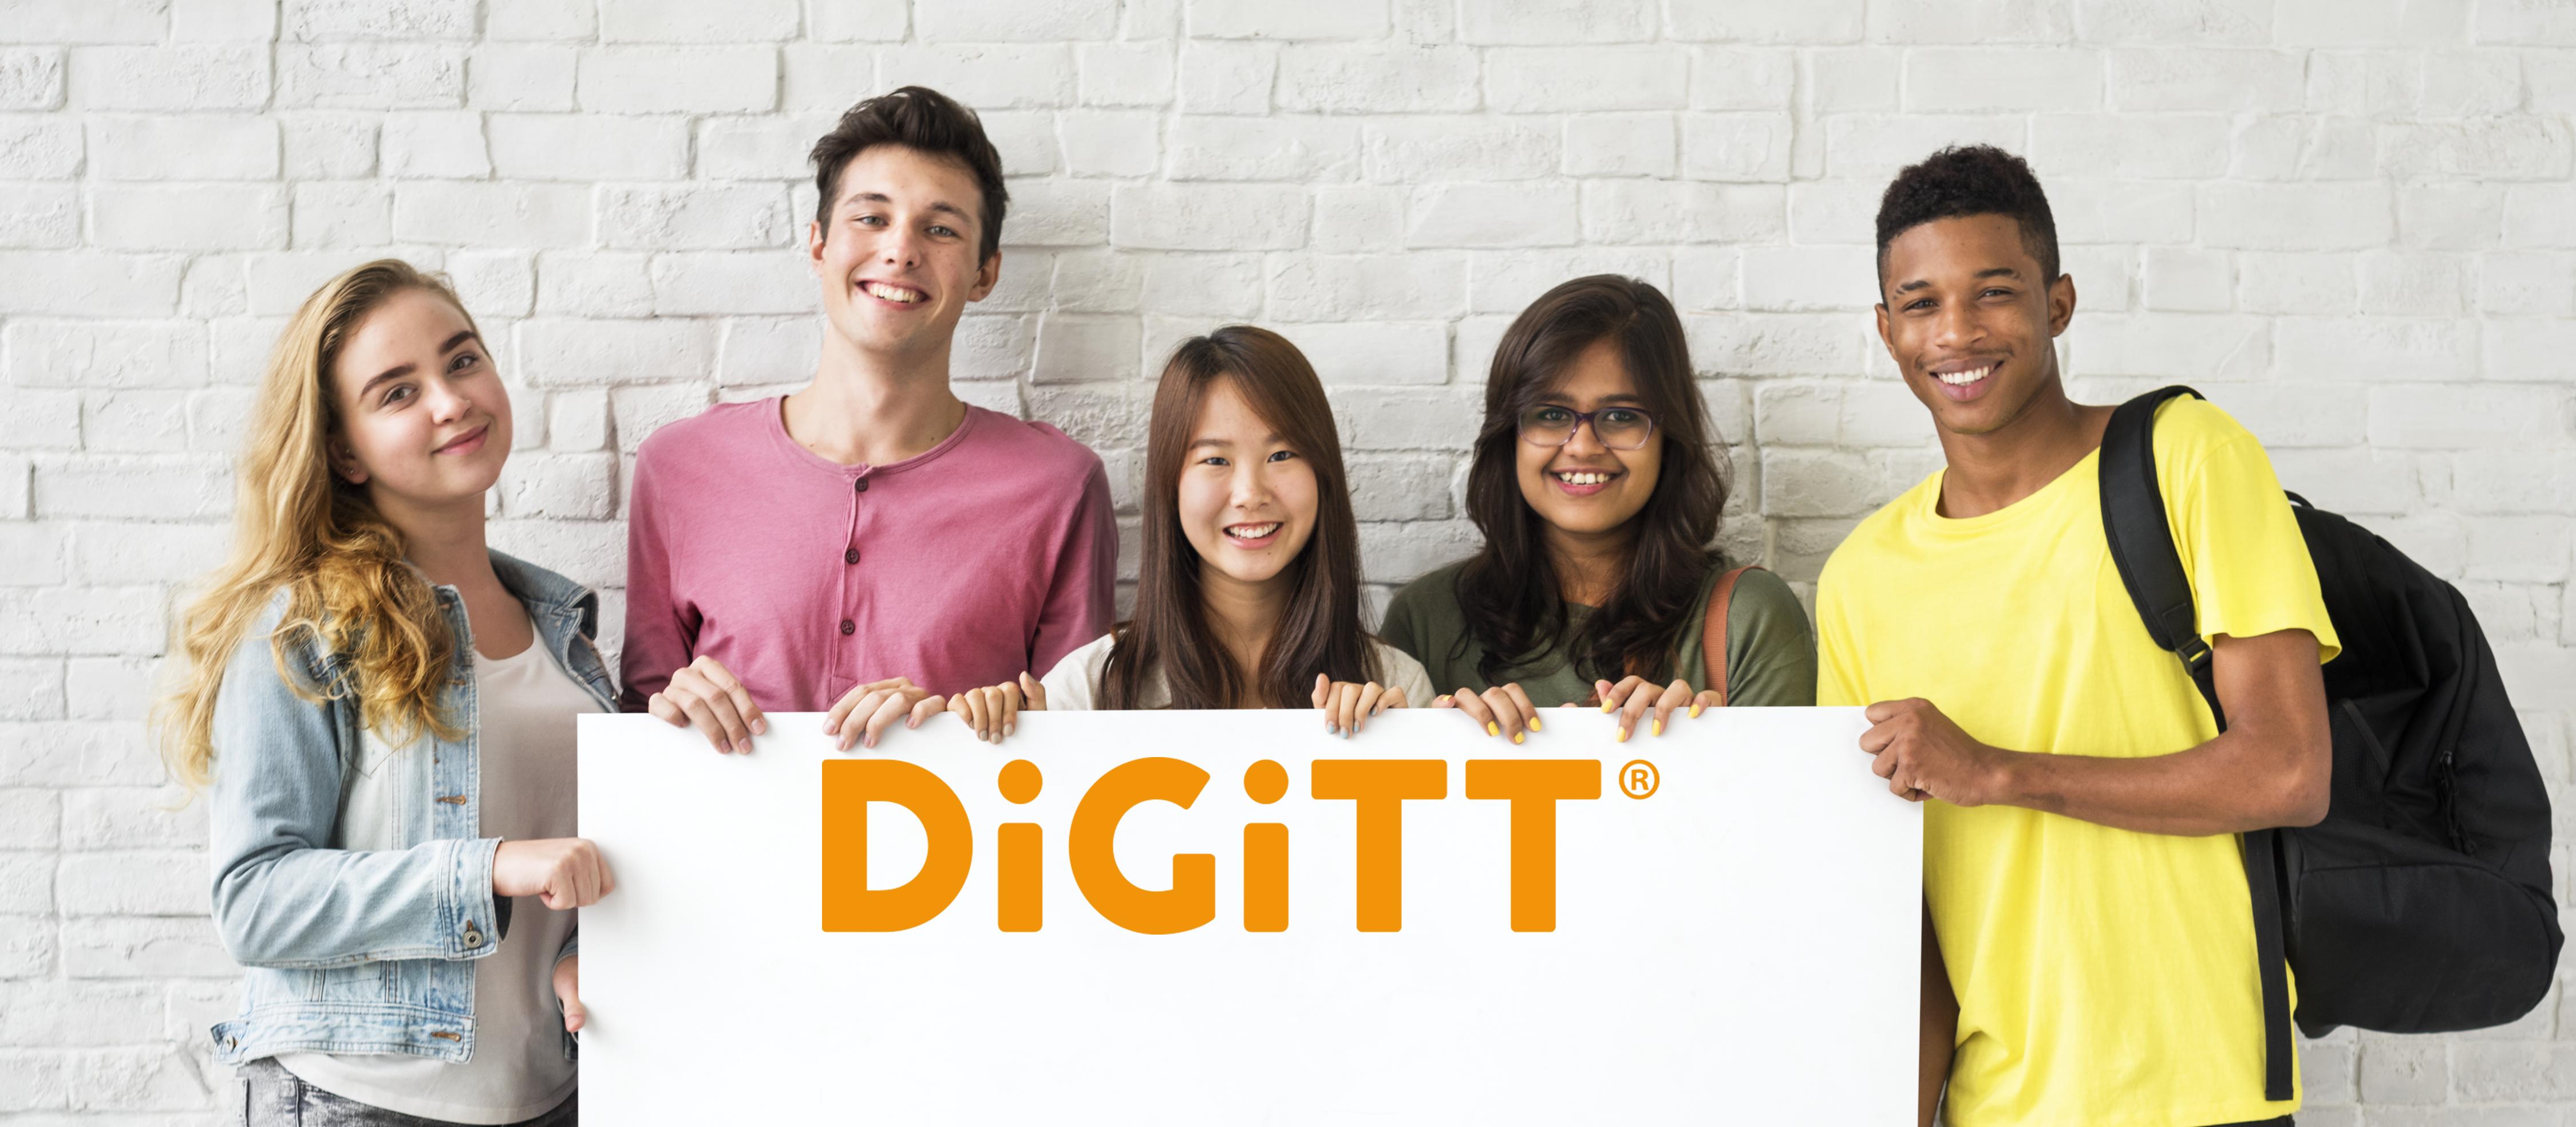 DiGiTT, un certificat passé dans les école et universités